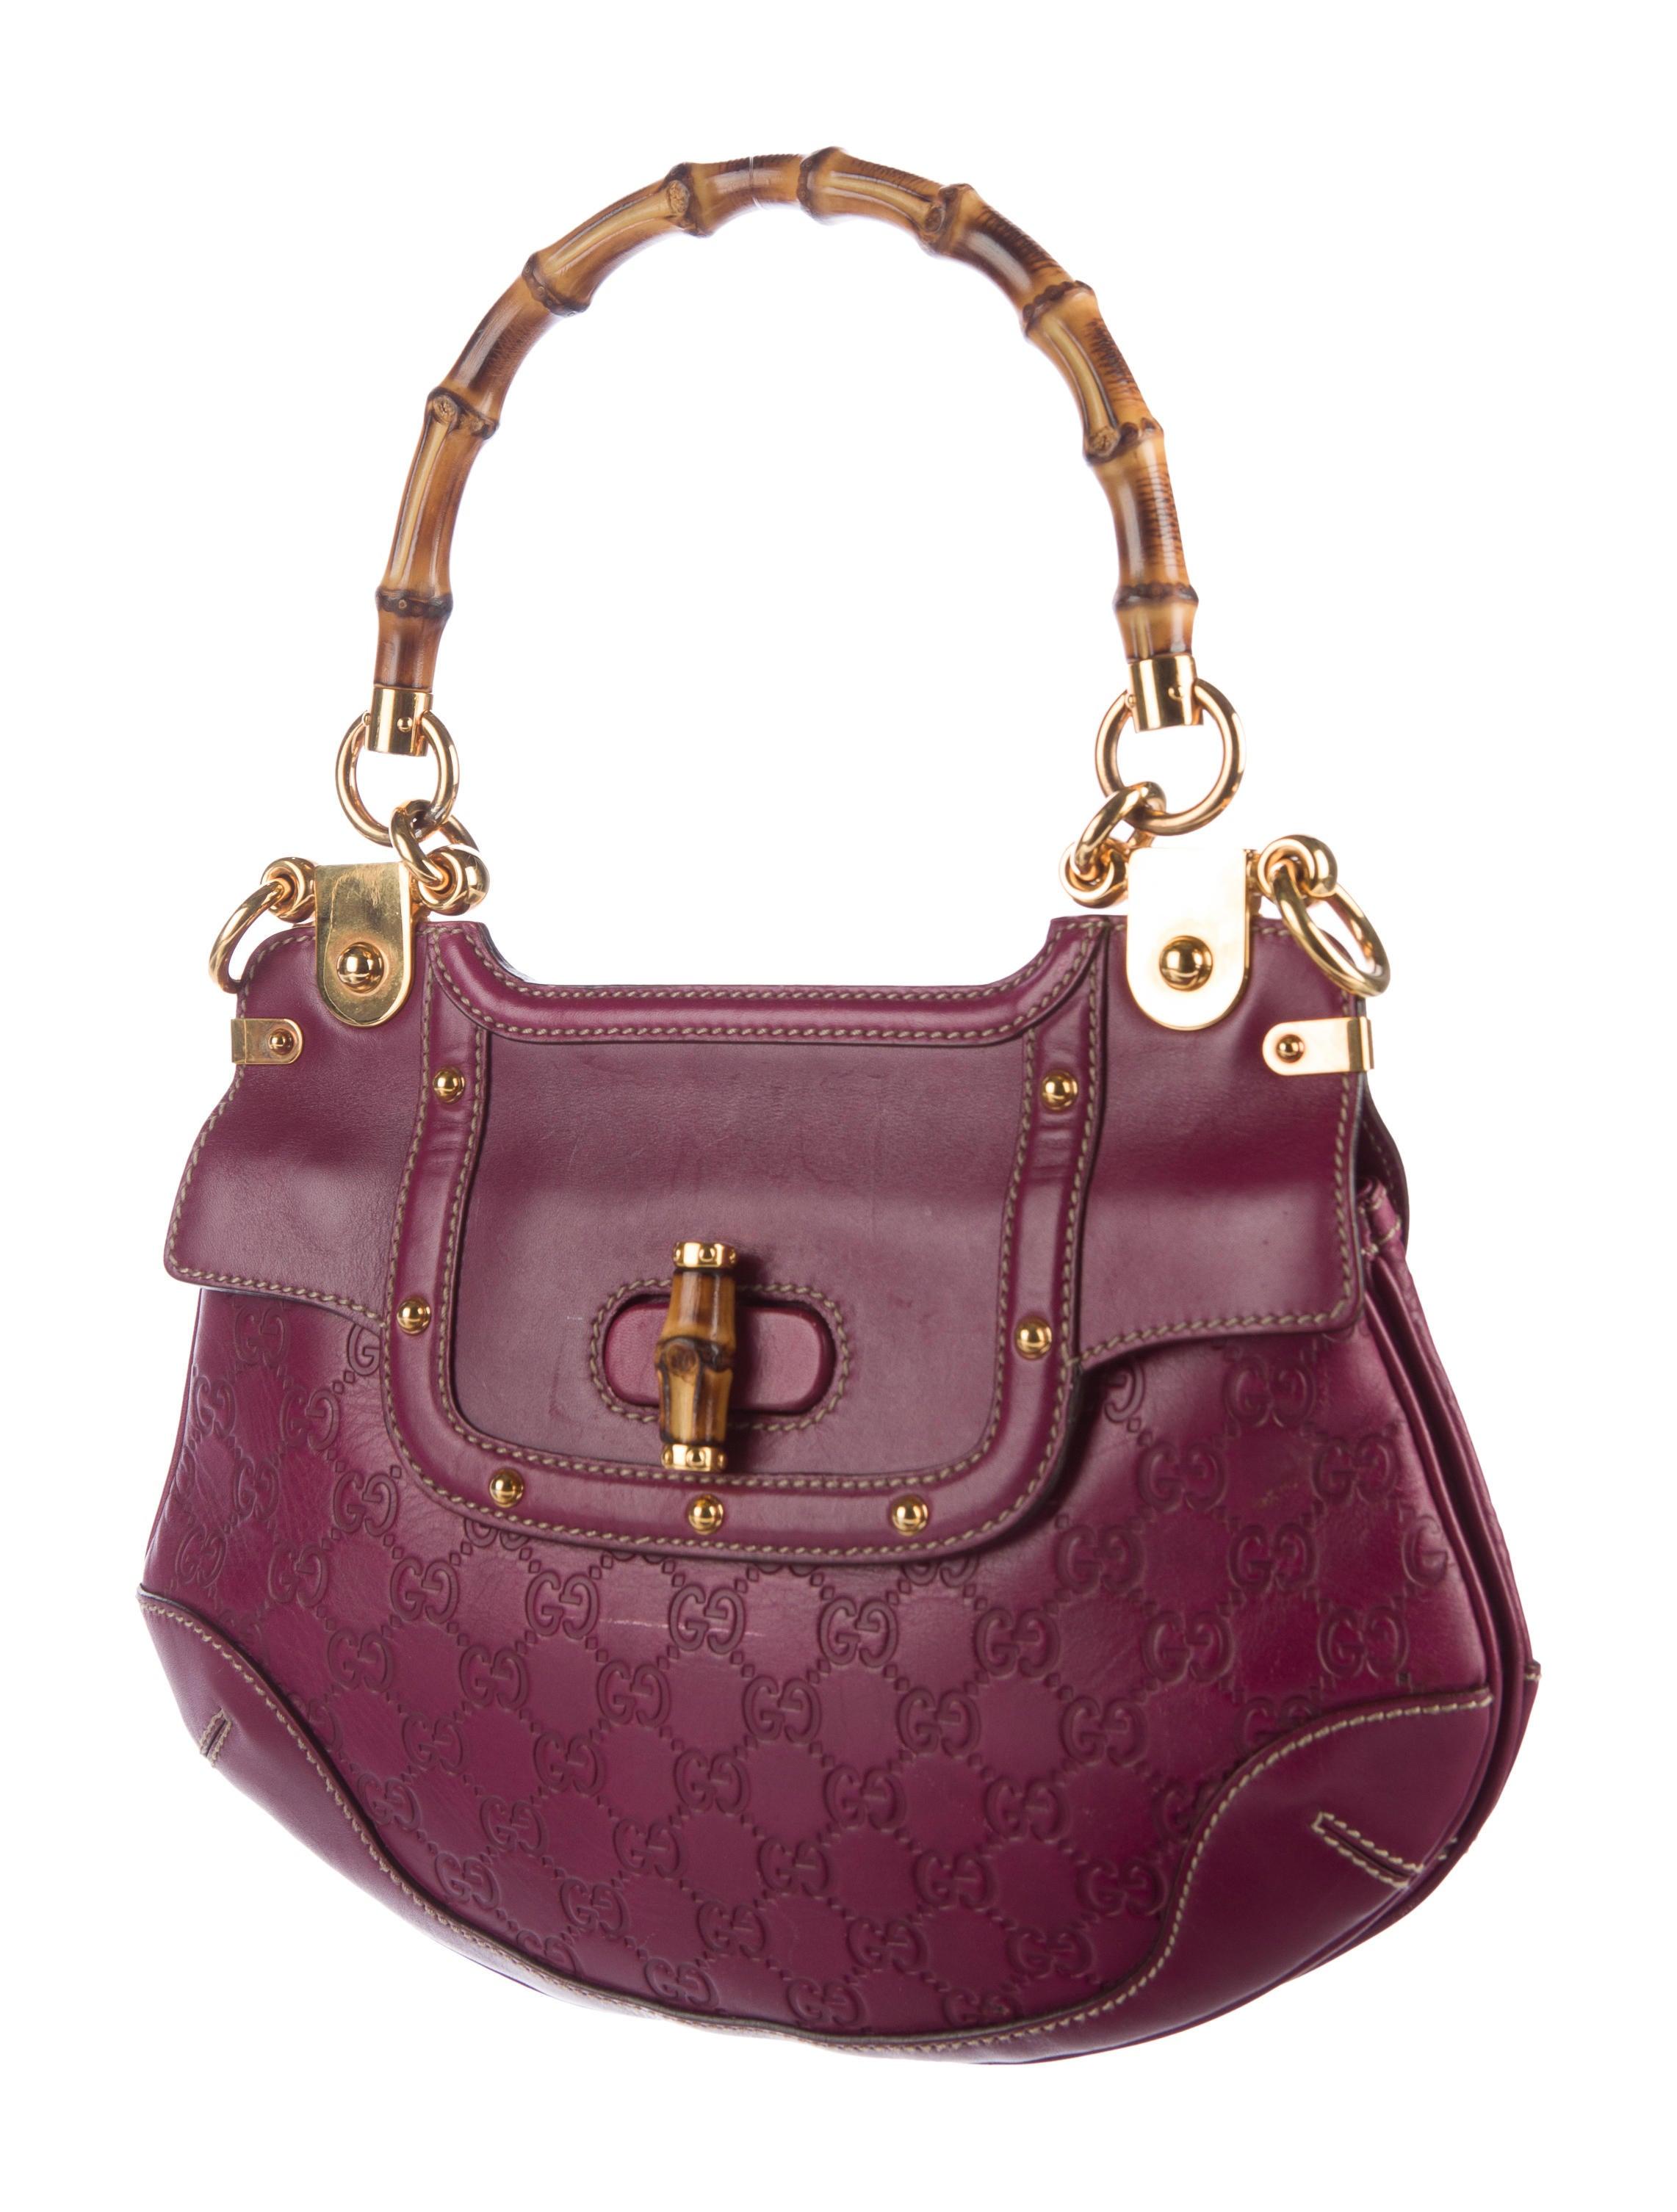 6d982182d78 Gucci Guccissima Bag